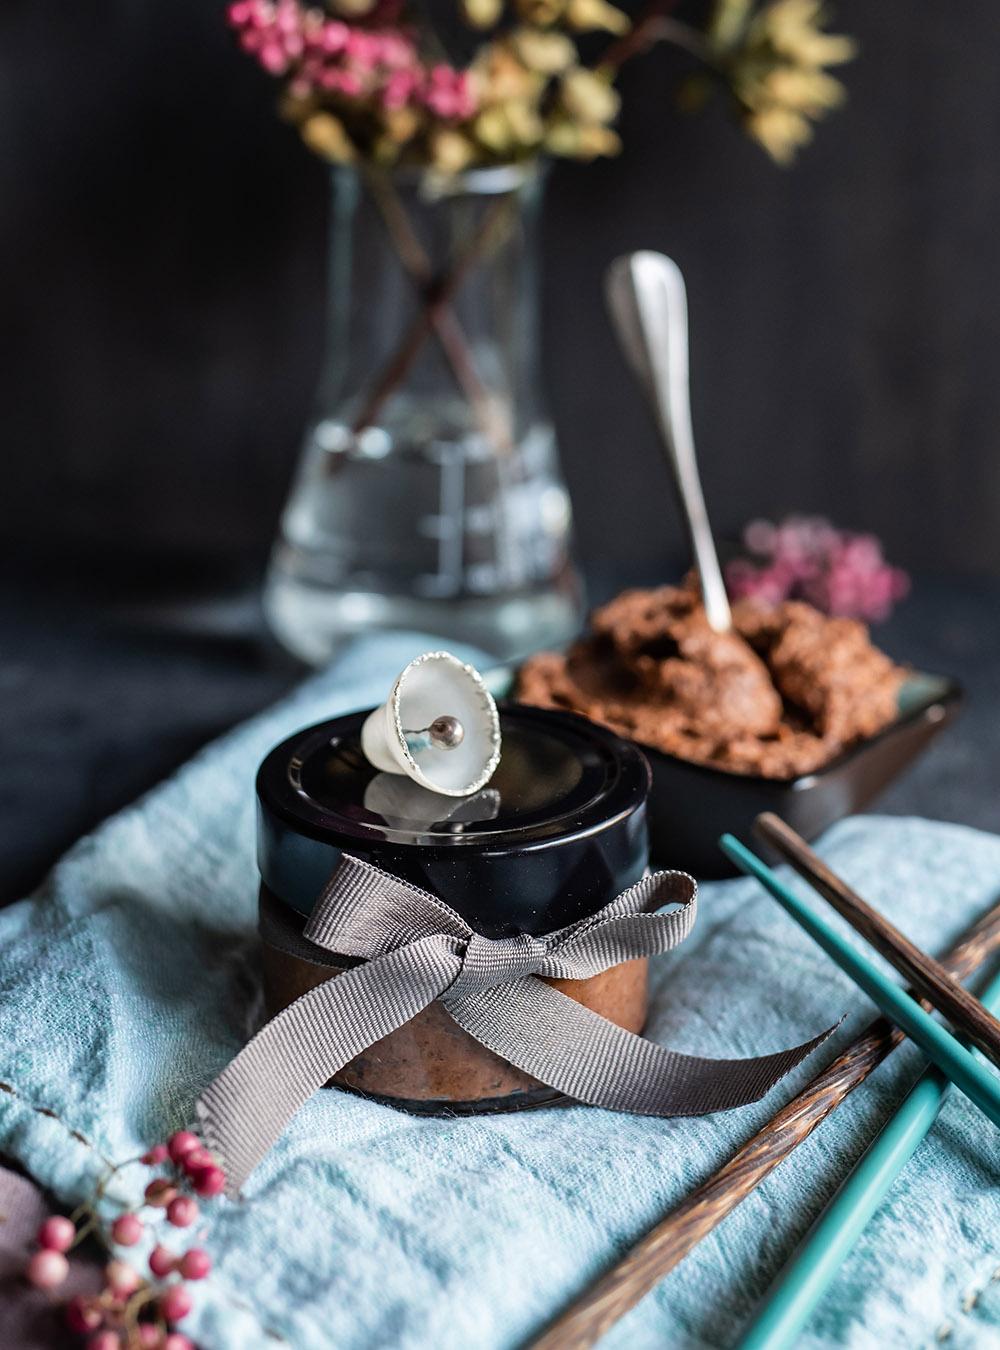 Umami Paste - schenk doch mal Geschmack. Rezept für maximalen Geschmack, als Geschenk und unverzichtbar für die eigene Küche #umami #umamibombe #geschmacksverstärker #rezept #geschenkeausderküche #kulinarischegeschenke #würzmischung #quickandeasy #thermomixrezepte #tm6